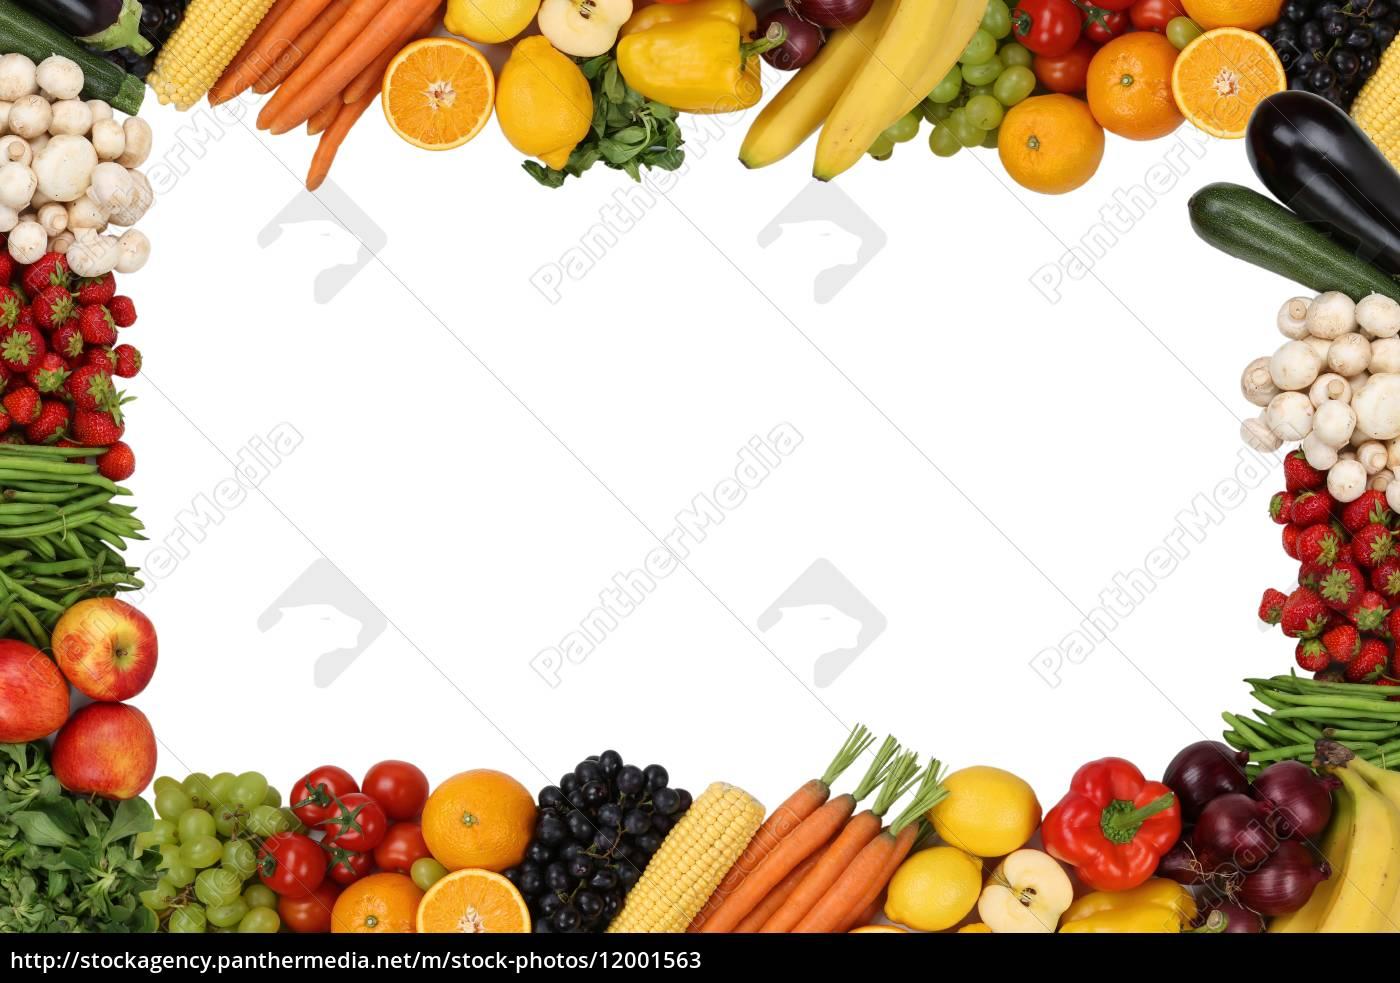 Rahmen aus Früchte, Obst und Gemüse mit Textfreiraum - Stockfoto ...